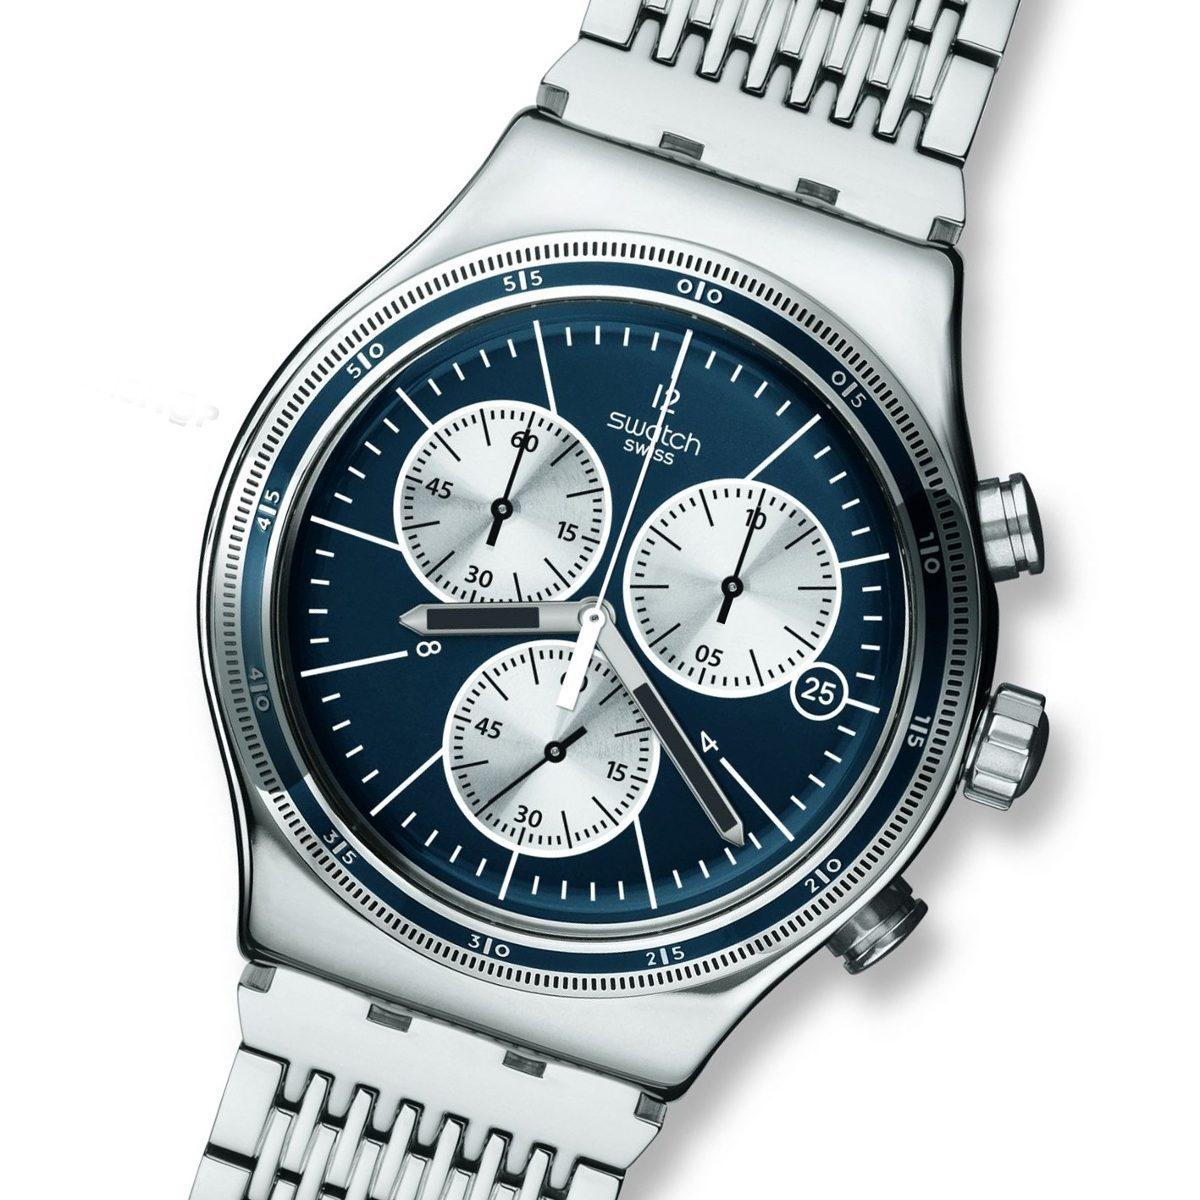 Swiss стоимость часов swatch часа стоимость тигуан нормо